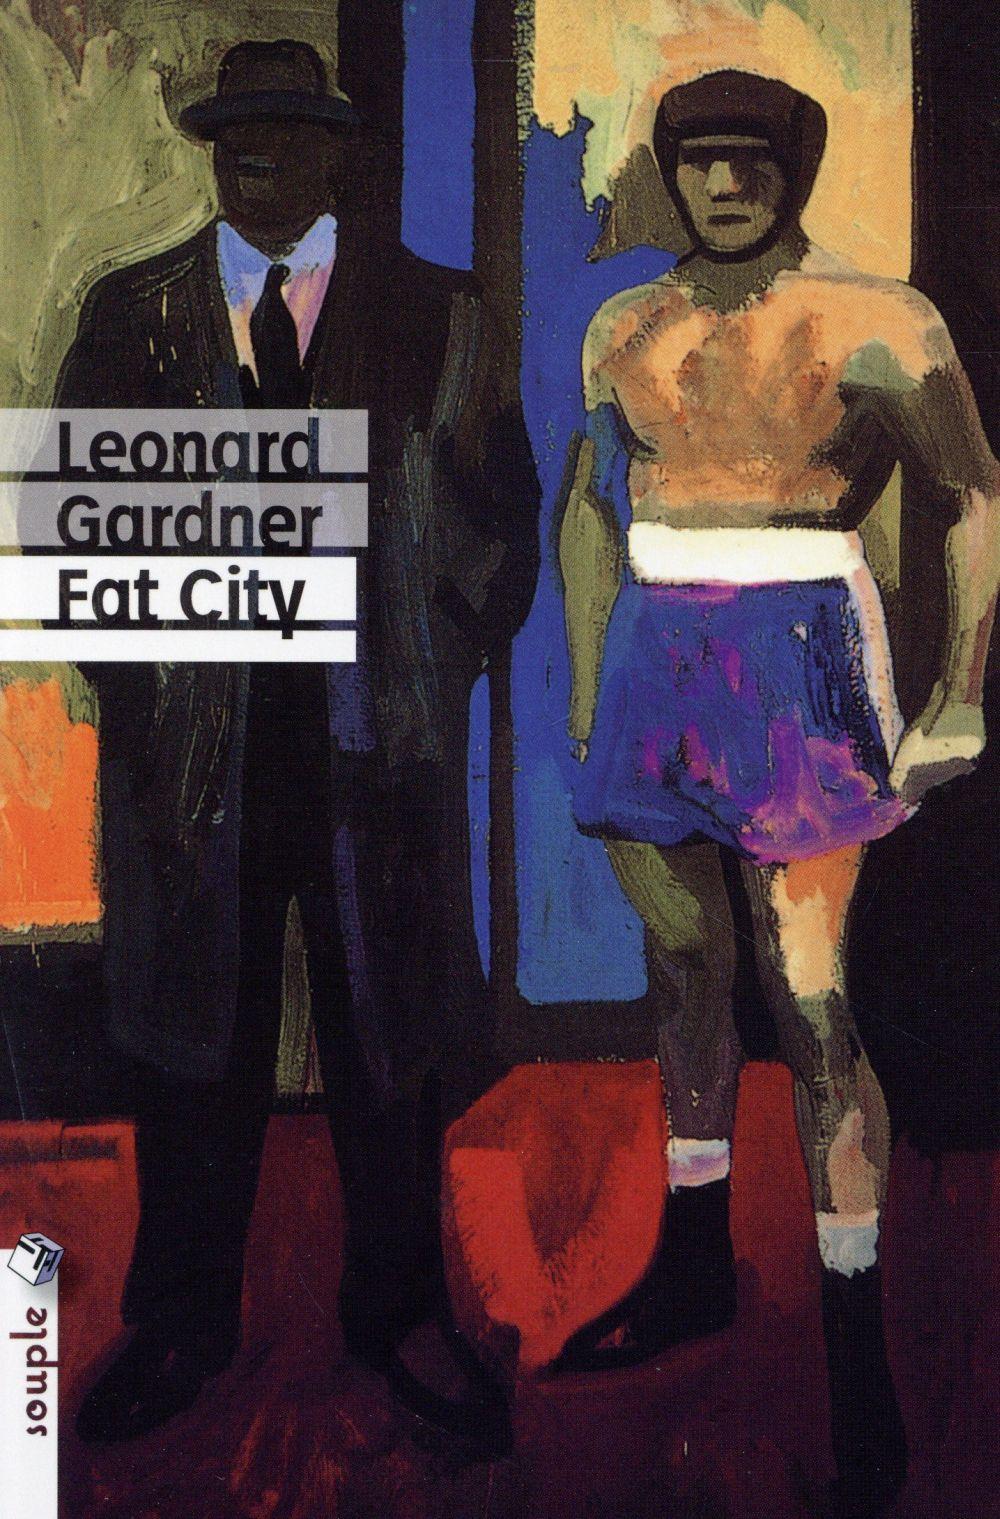 FAT CITY Gardner Leonard Tristram